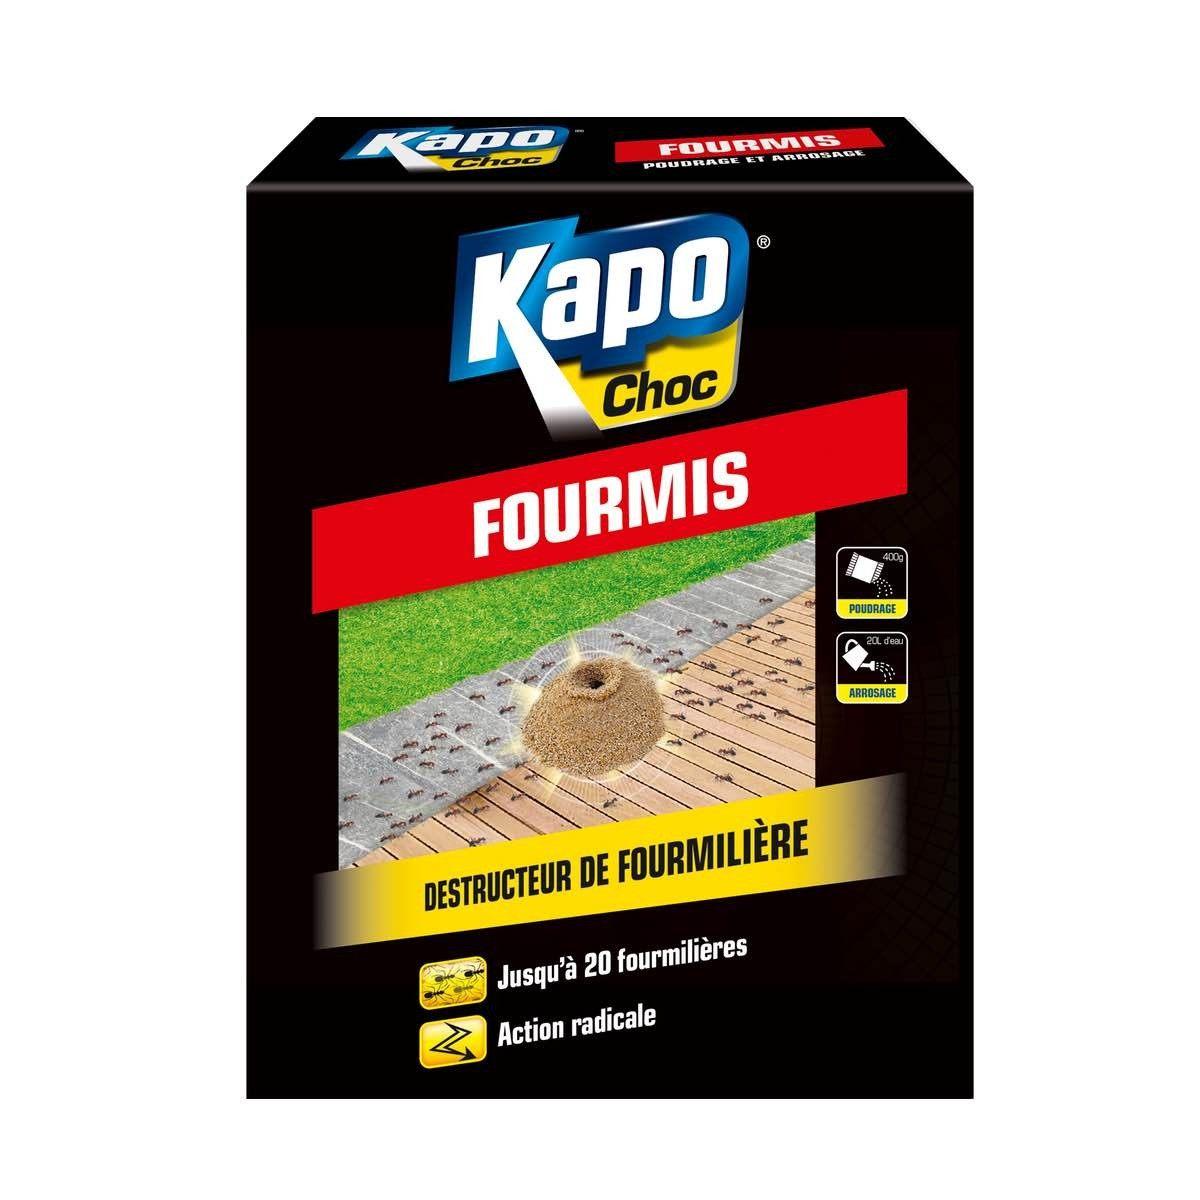 Kapo Choc Punaise De Lit Magnifique Fumigene Anti Puce Leroy Merlin Interesting Frais Rideau Collection